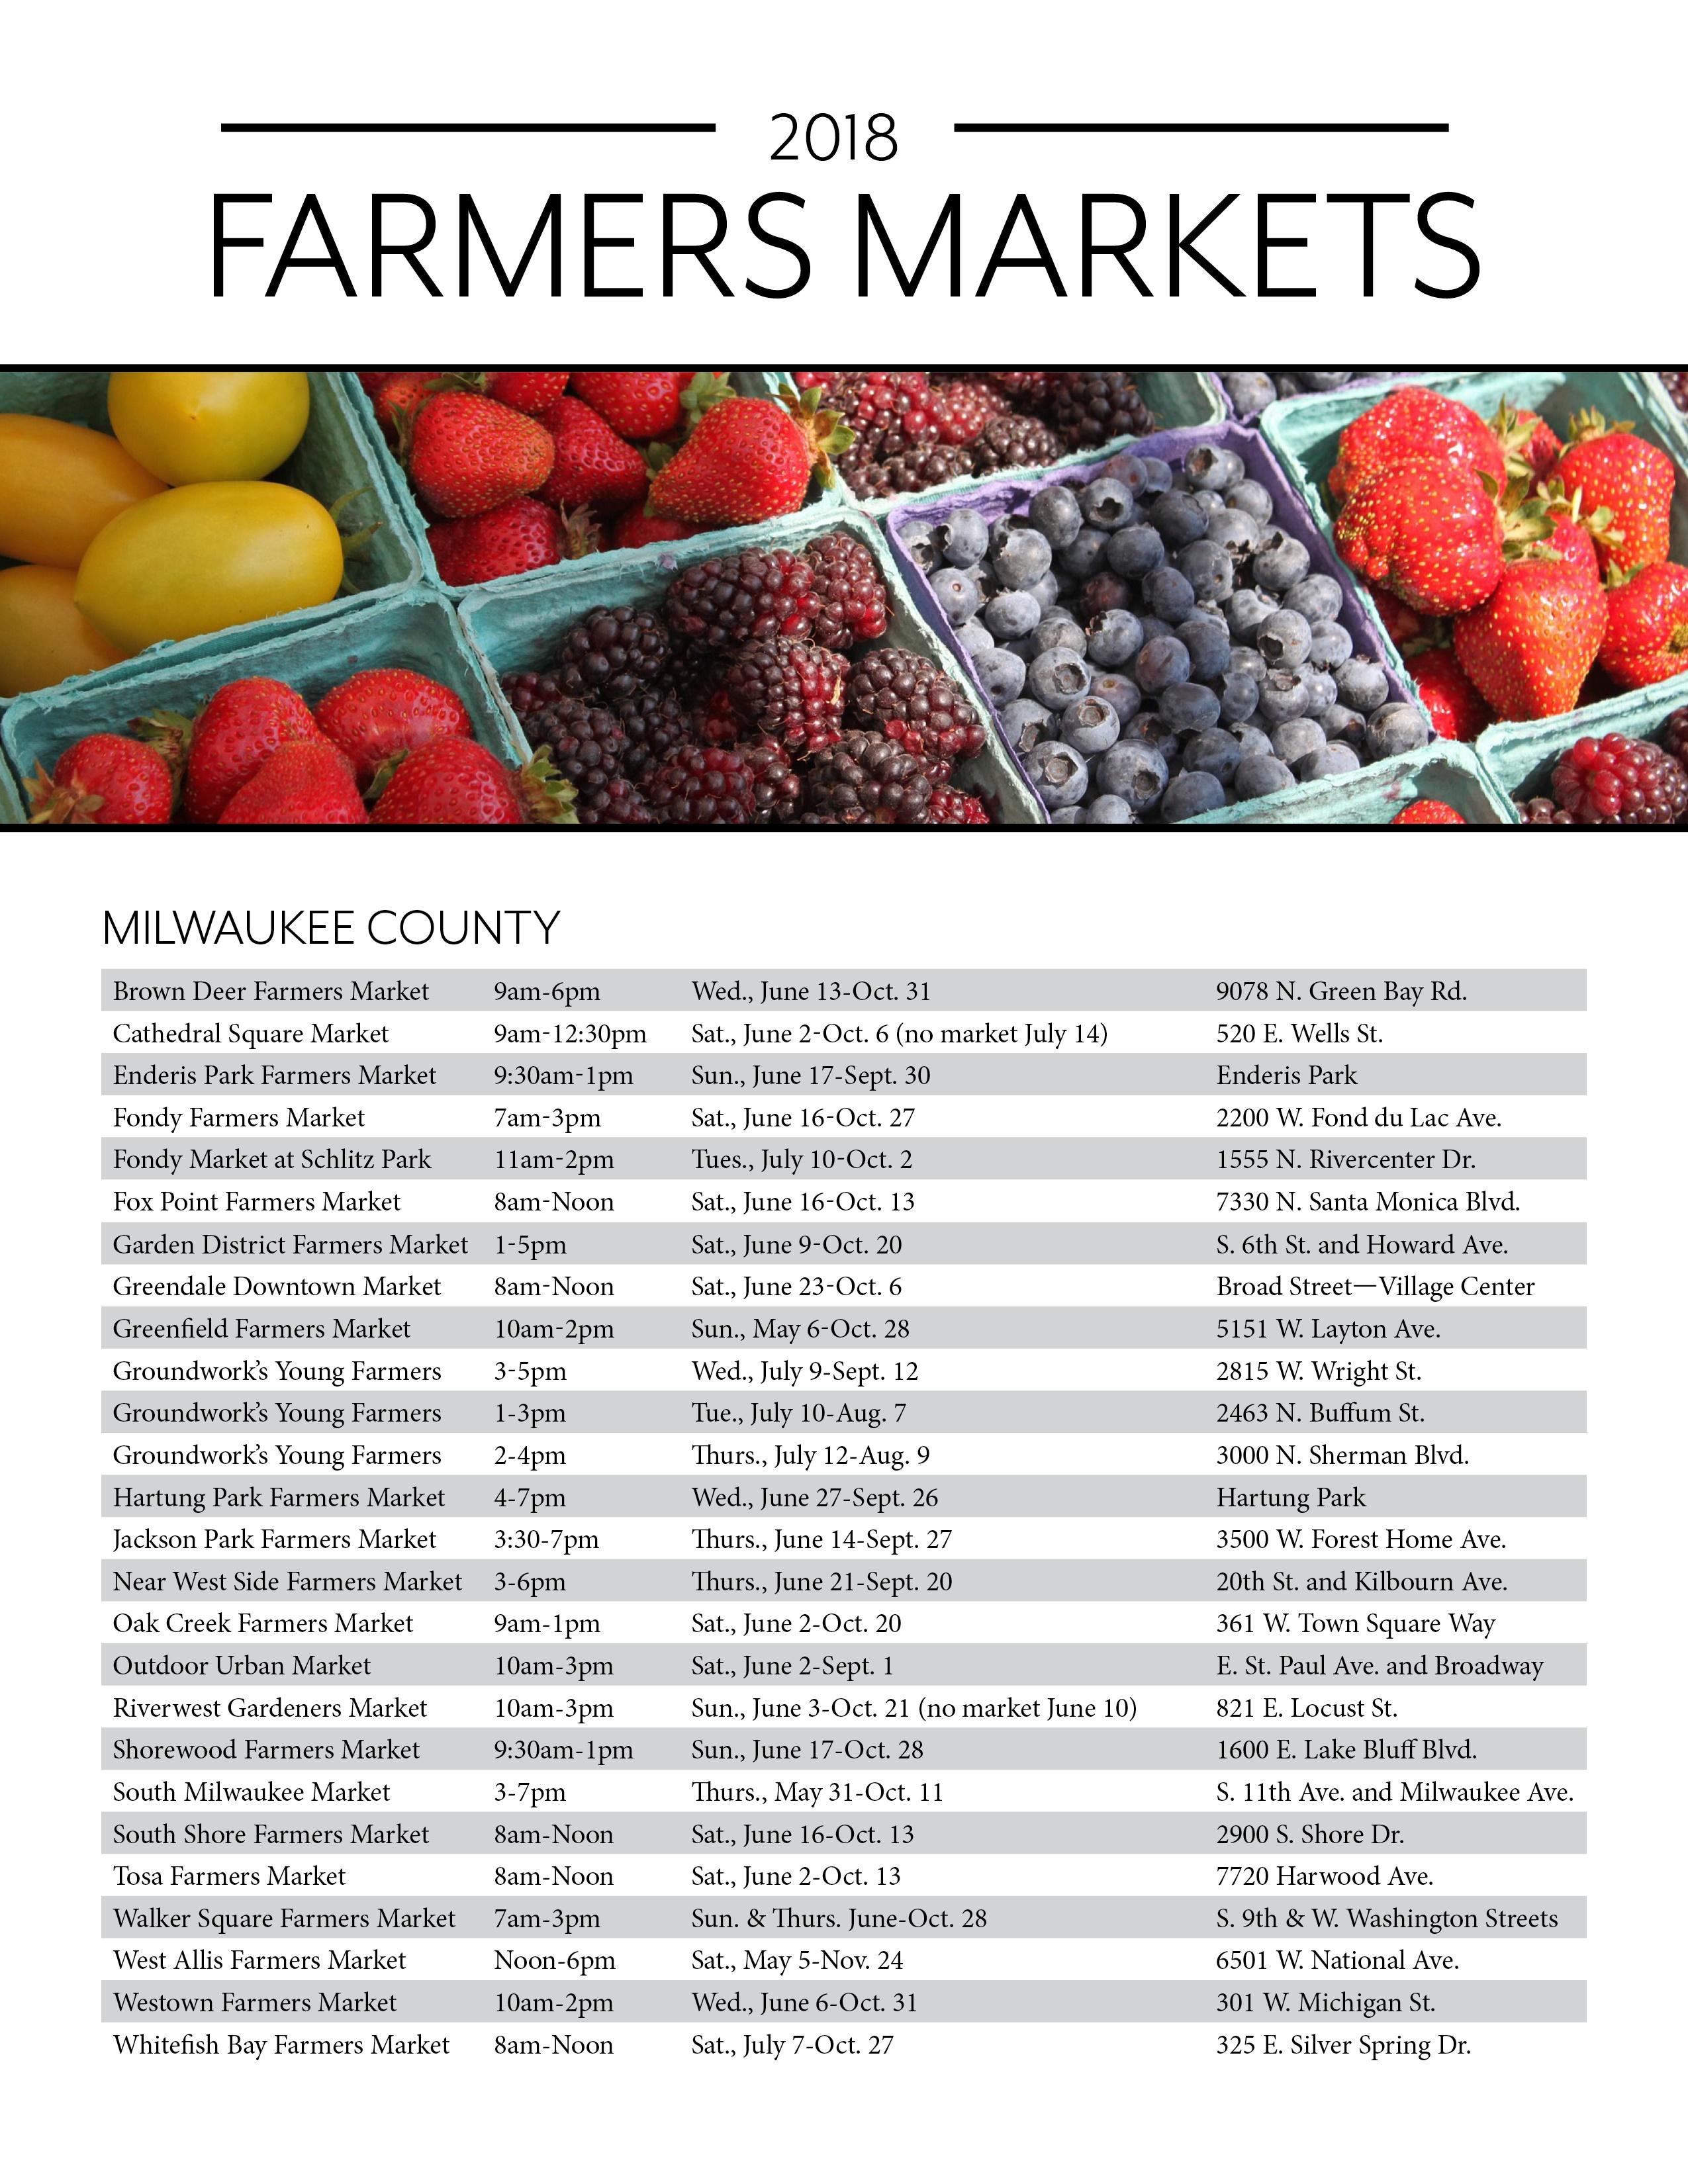 2018 Farmers Market Flyer